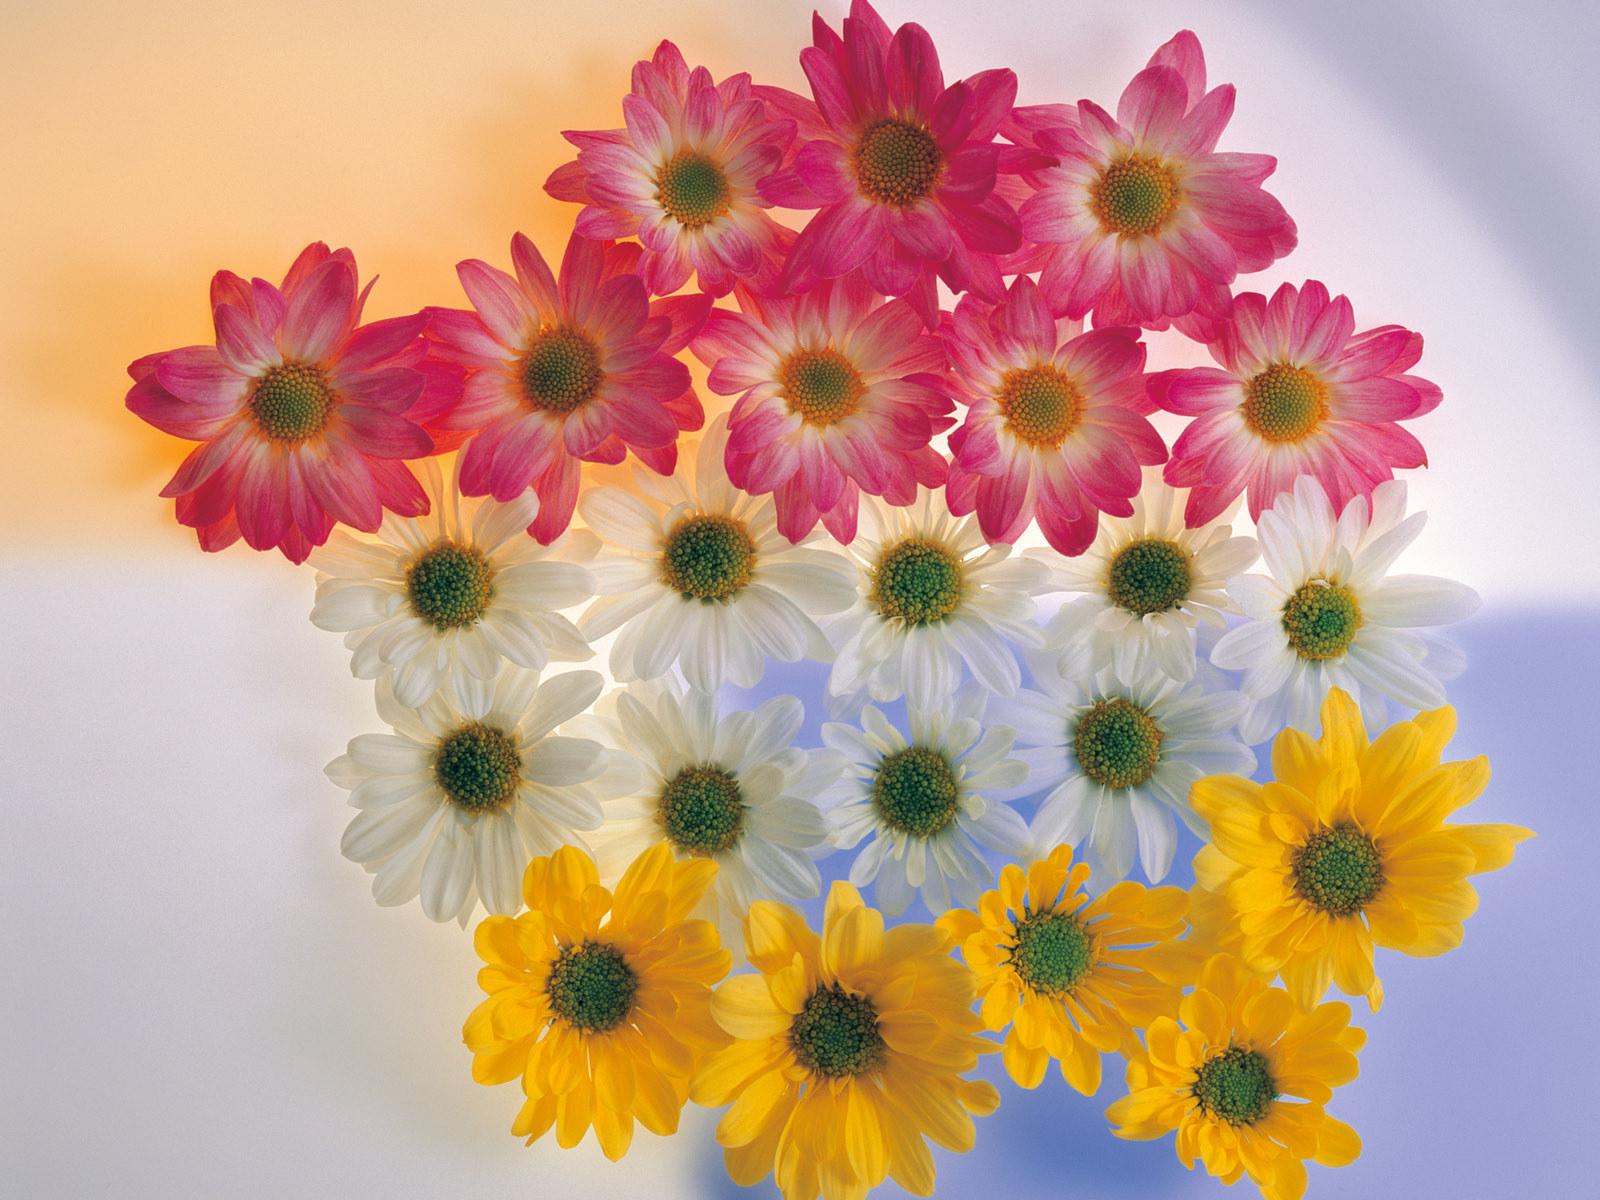 Fall Daisy Wallpaper Beautiful Flowers Hd Wallpapers Flower